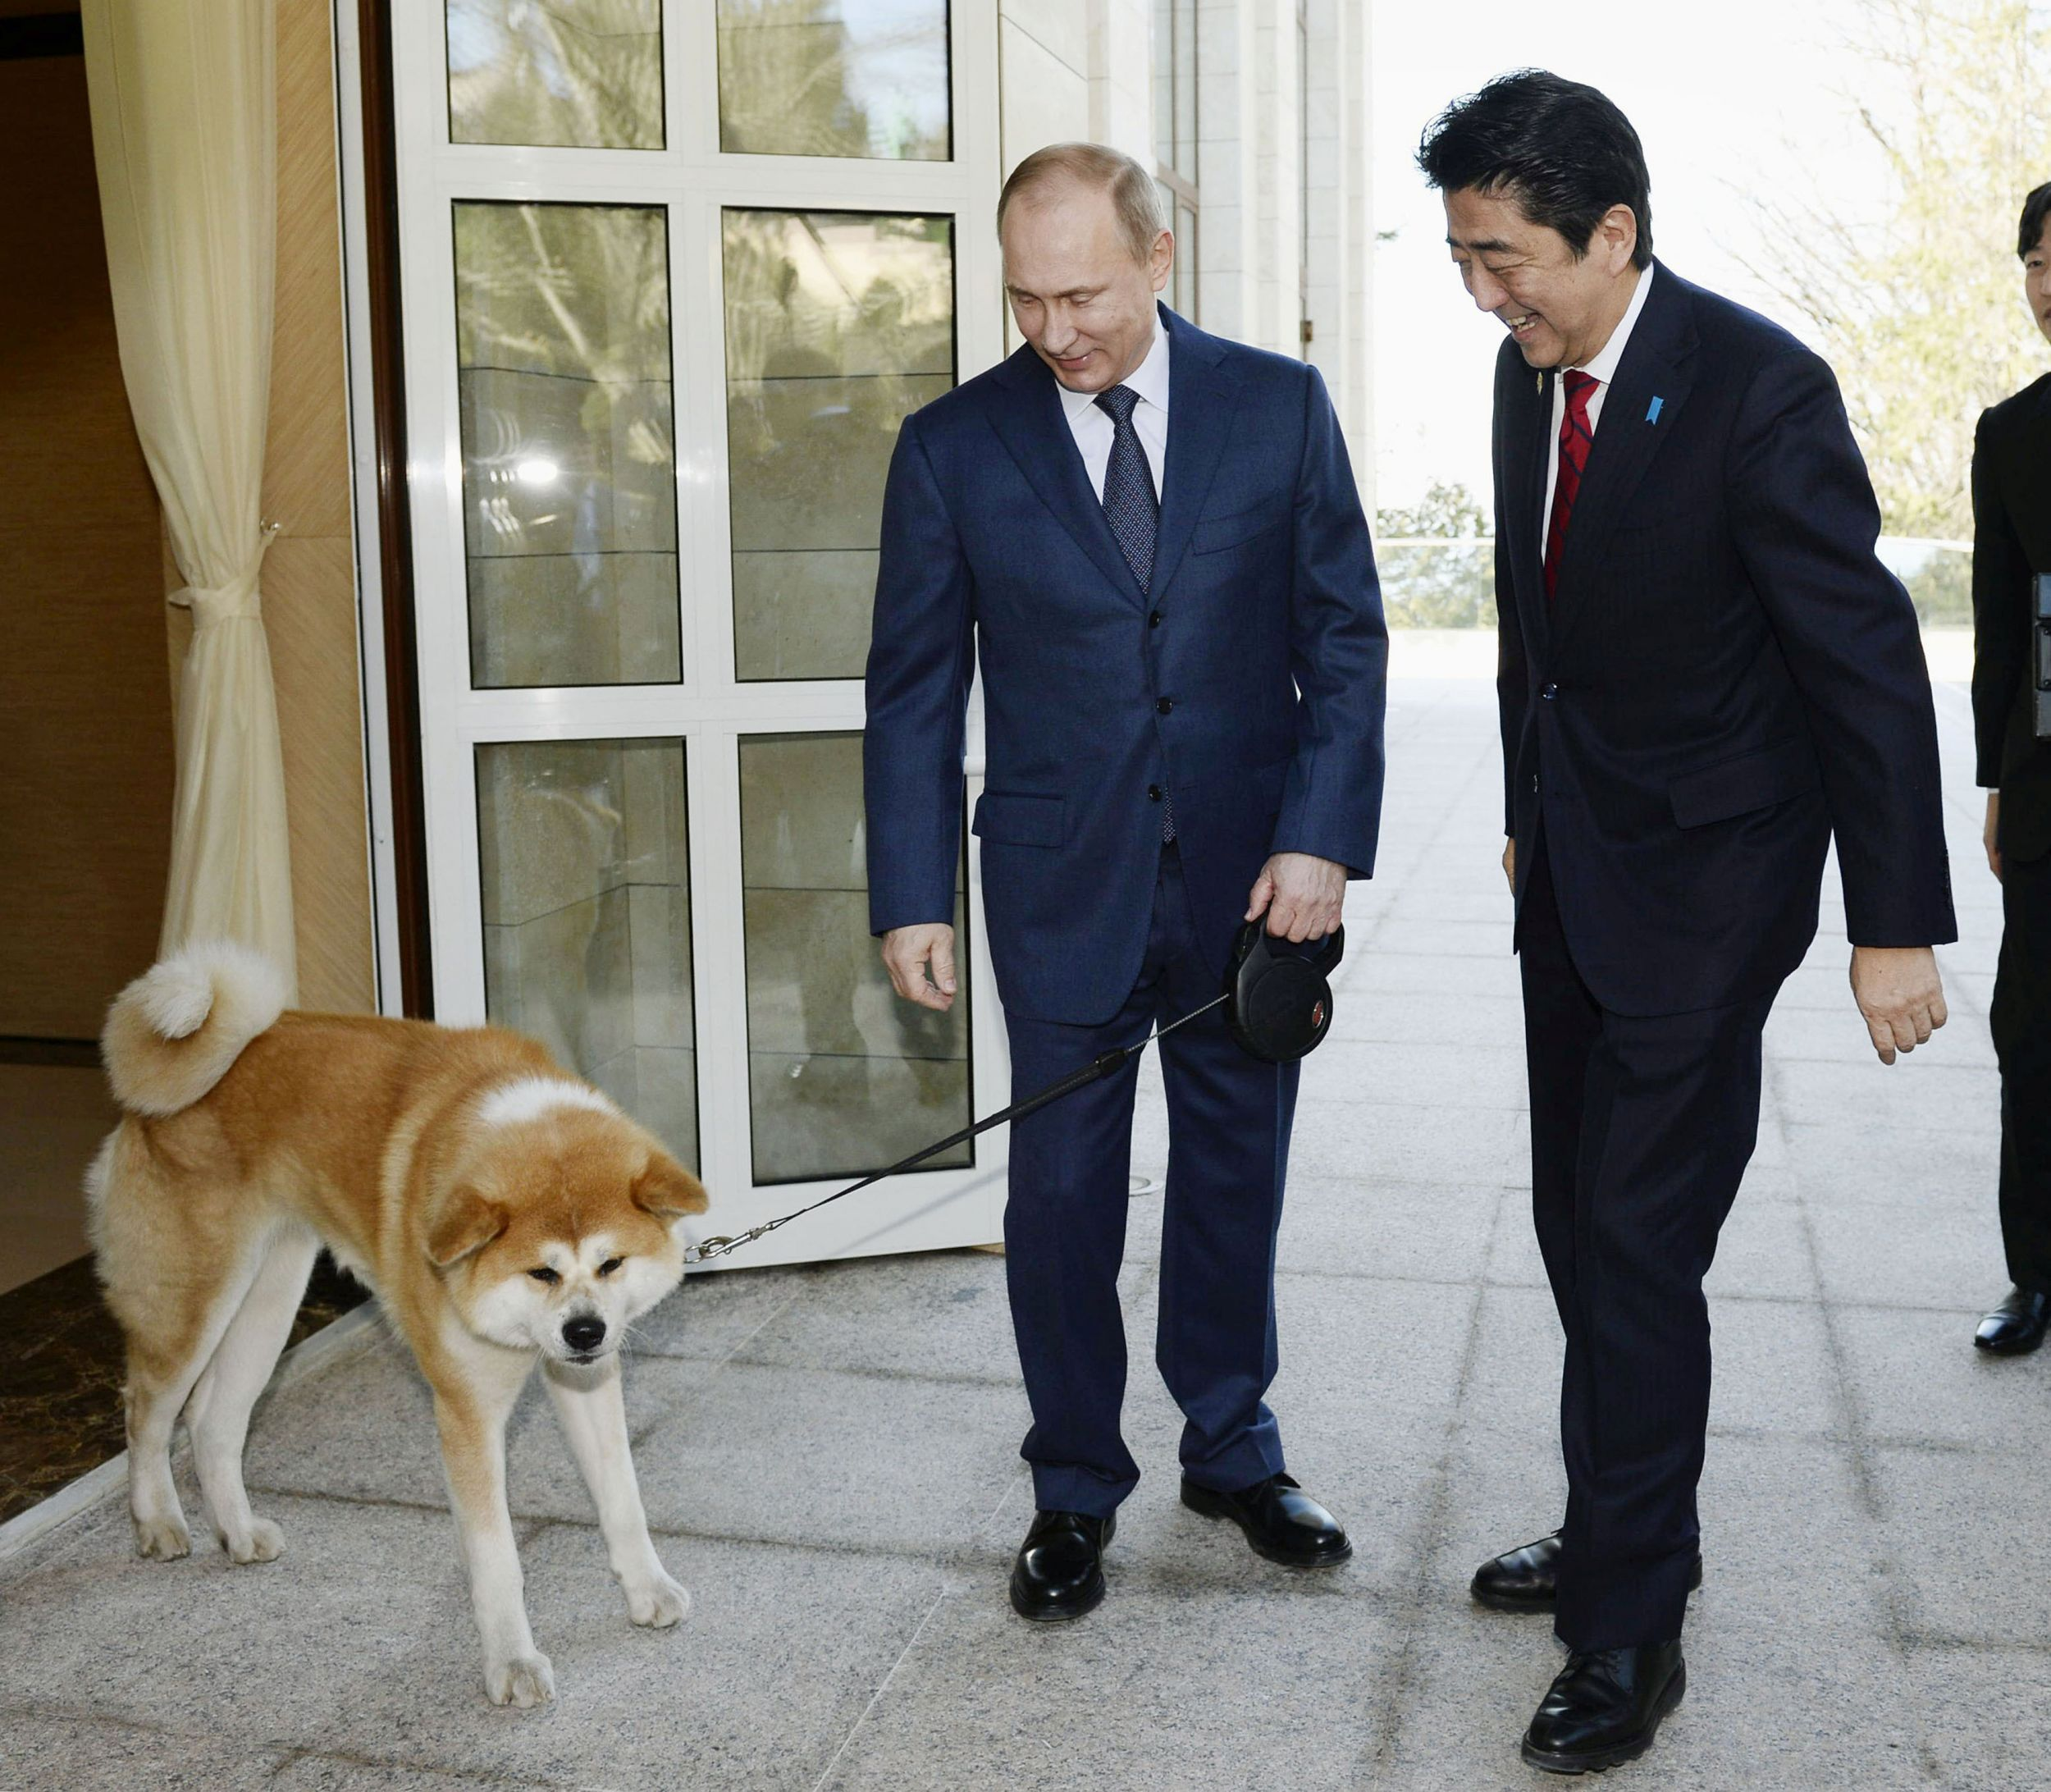 Dogilike.com :: แอบส่งเรื่องการฑูตกับน้องหมา ความสัมพันธ์ที่มีสุนัขเป็นตัวเชื่อม